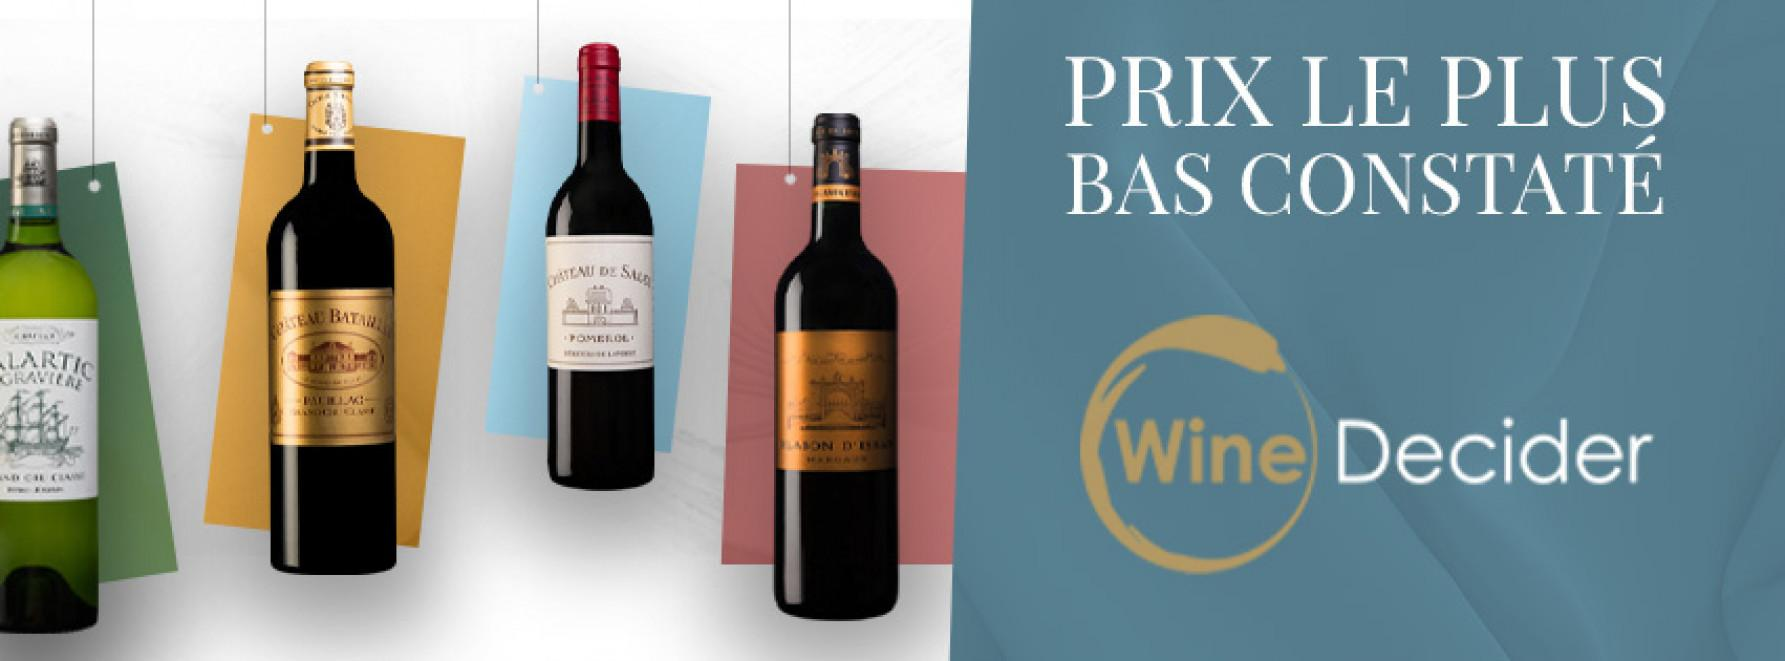 Prix les plus bas constatés sur WineDecider